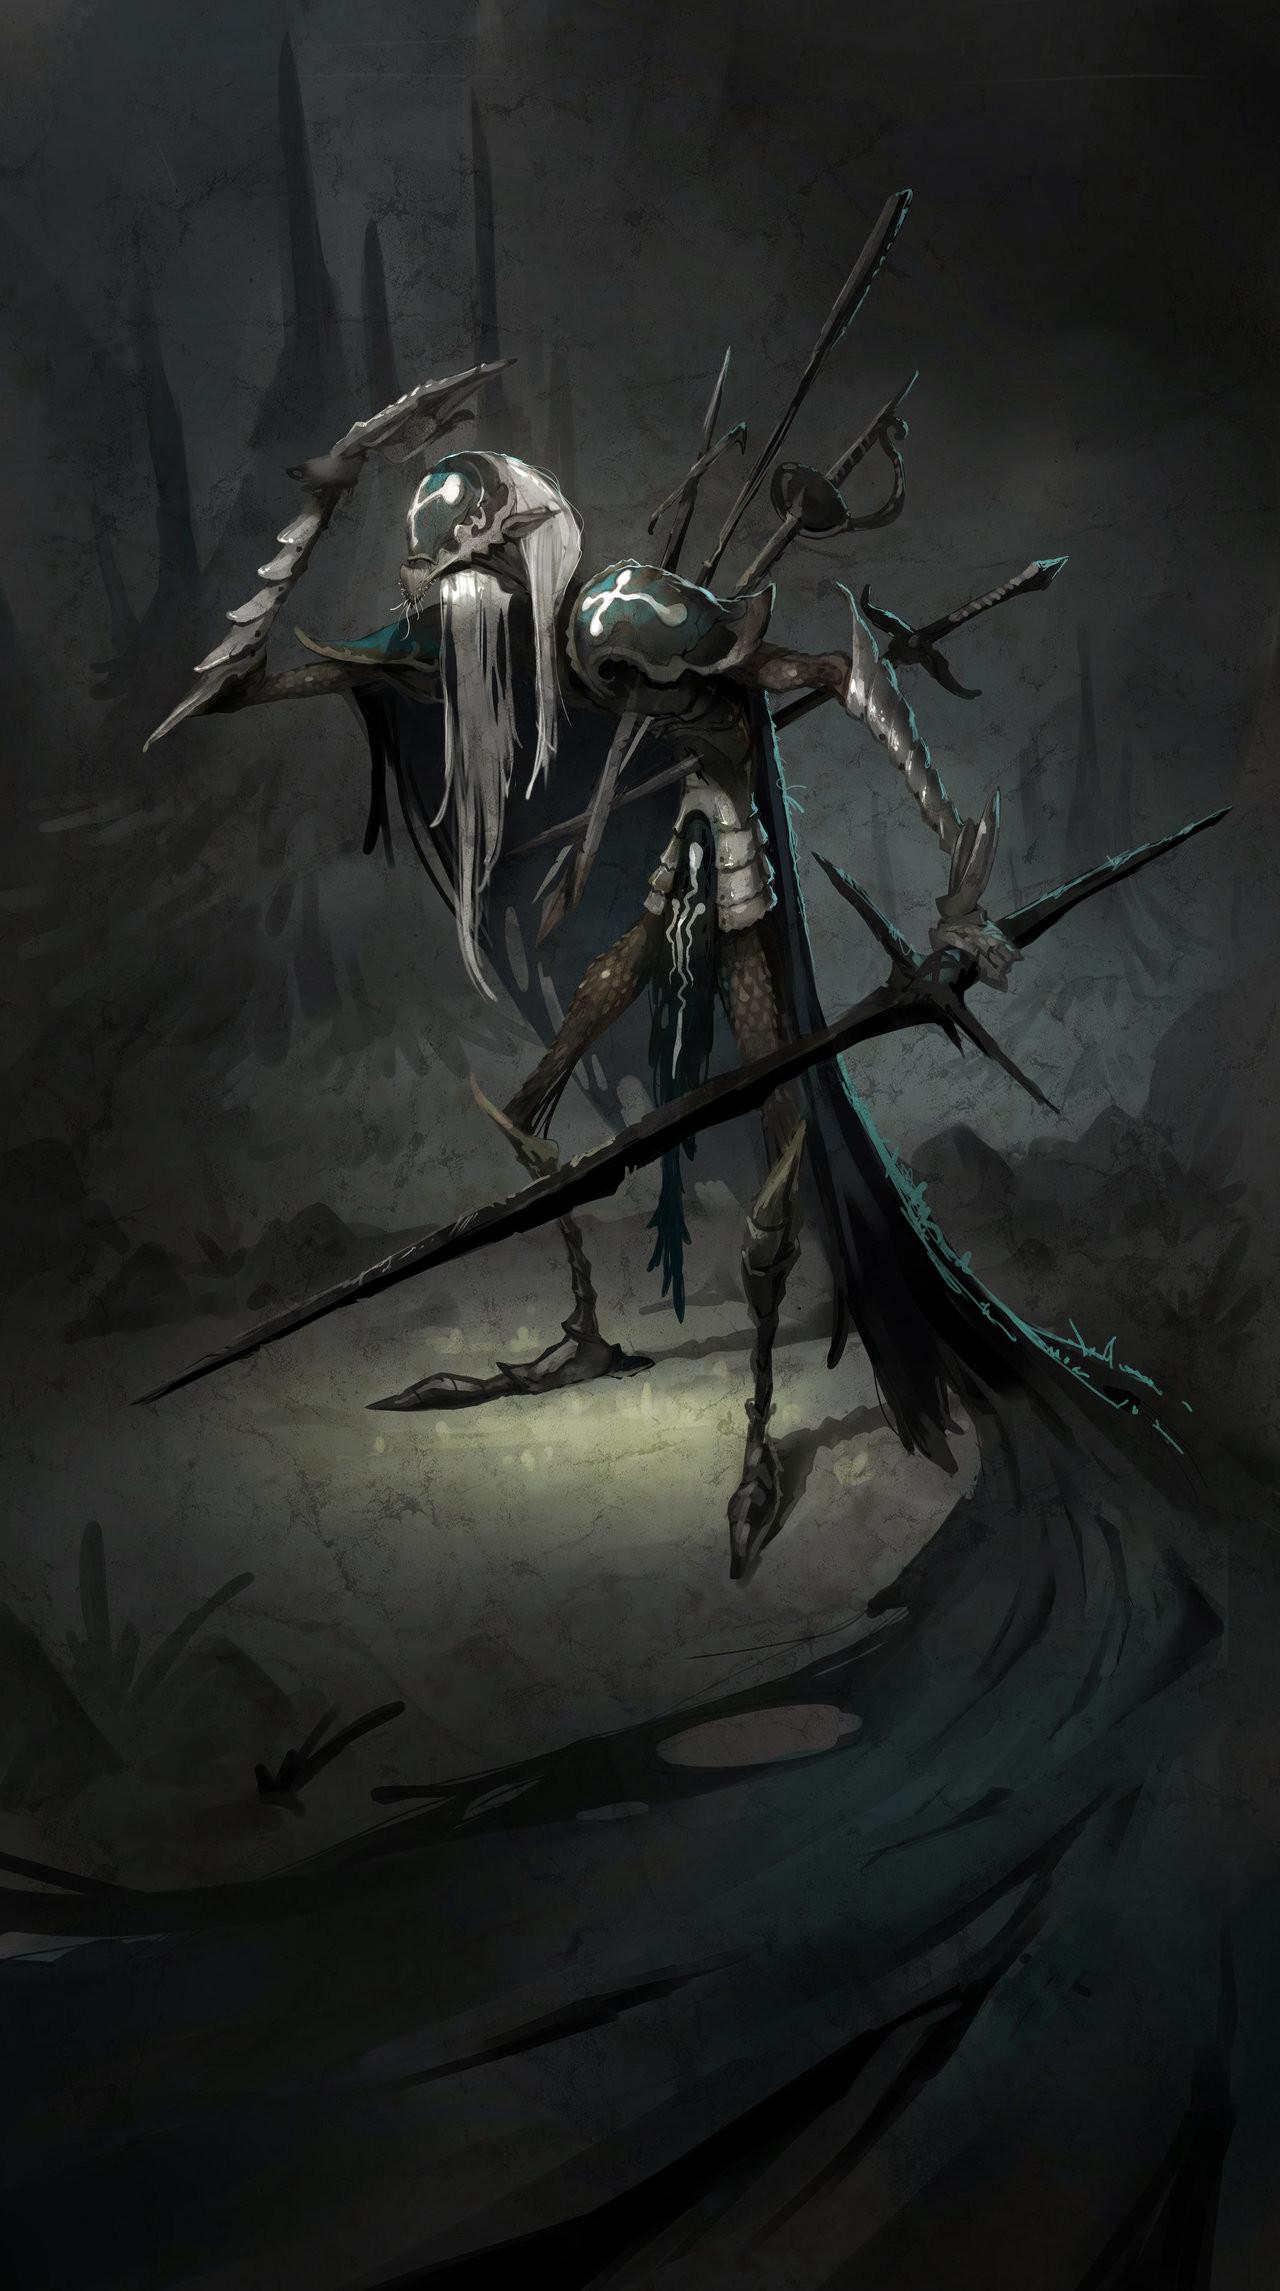 Xaxaxa xaxaxa old knight by xa xa xa dbxw61d